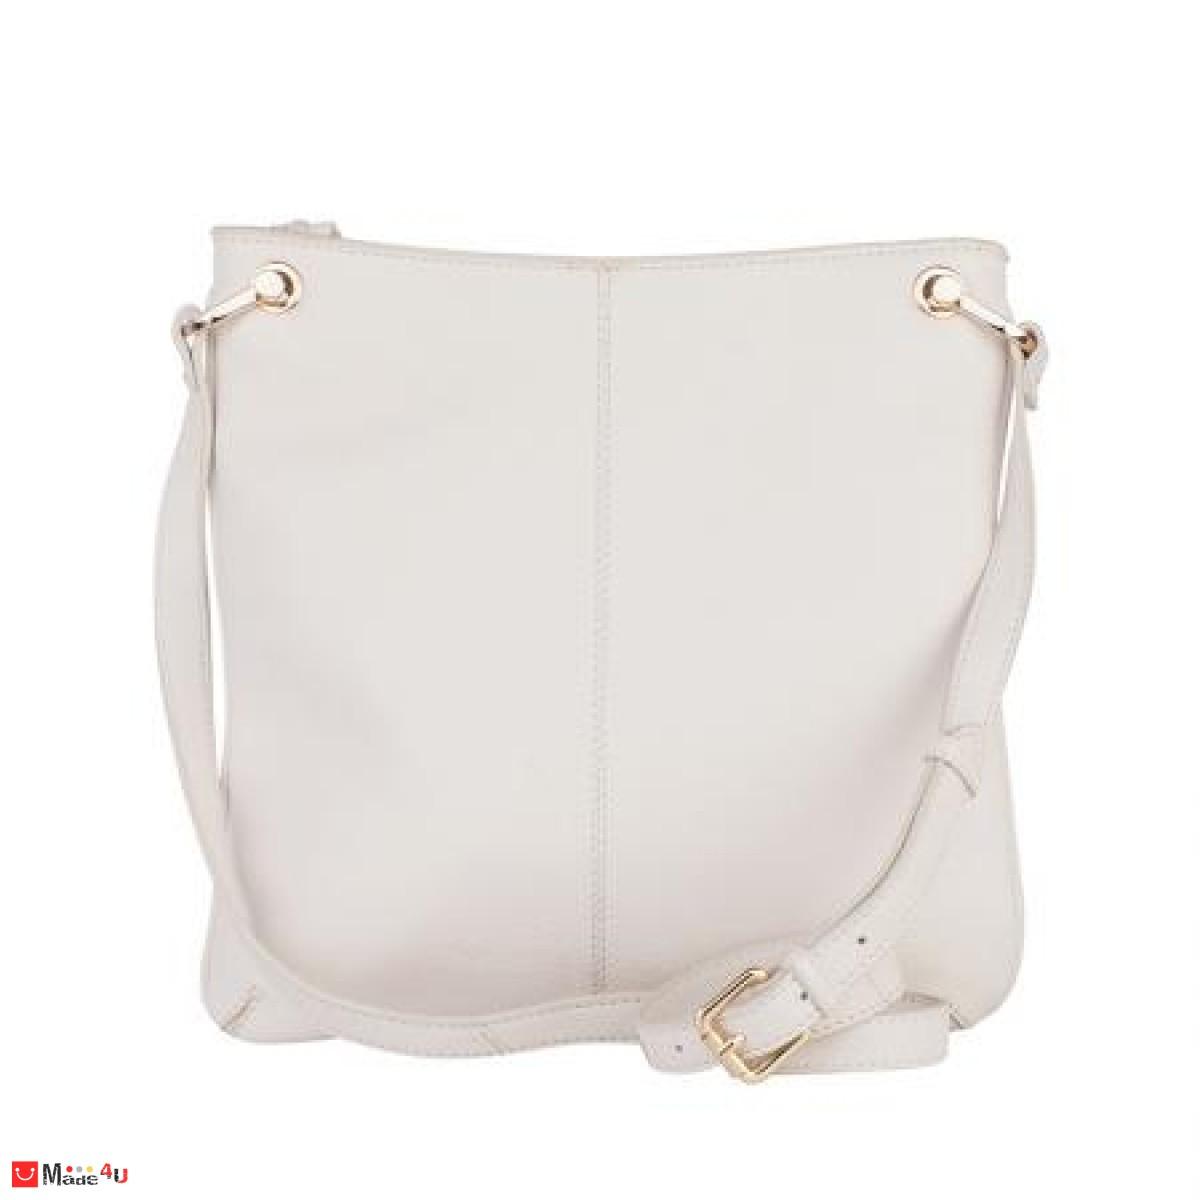 Дамска чанта тип торба, дамски чанти естествена кожа